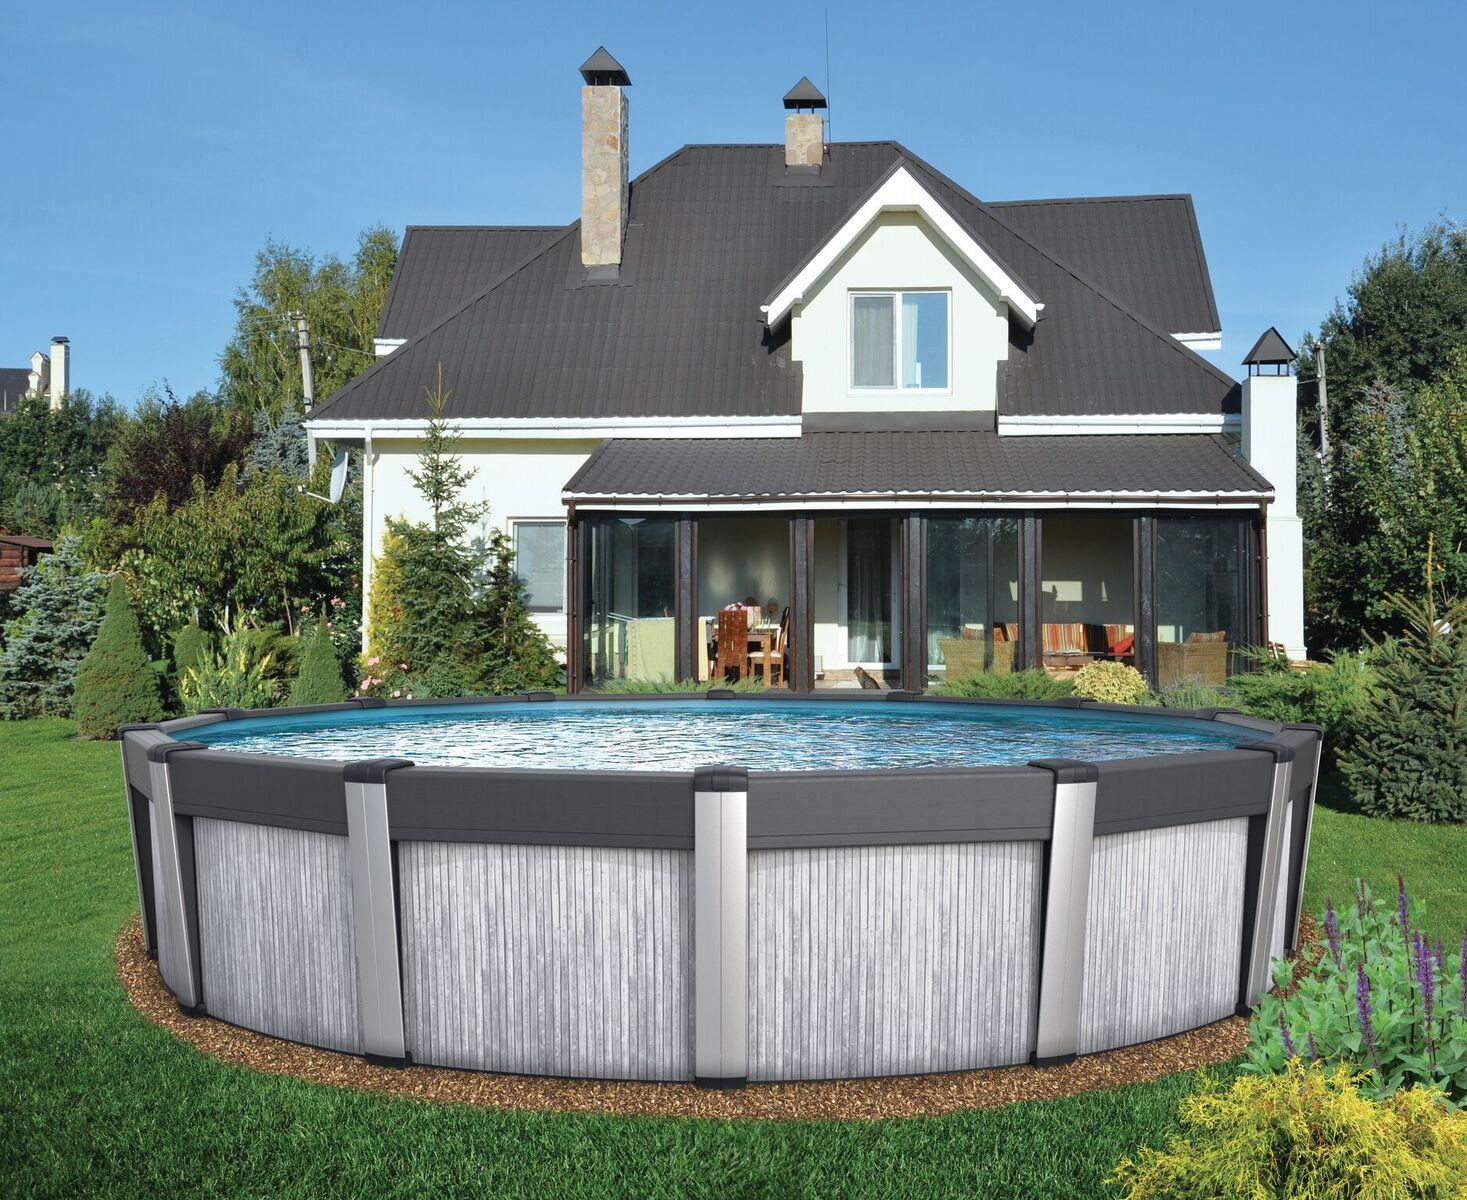 Comment fermer votre piscine ou votre spa voir les for Piscine rectangulaire hors terre